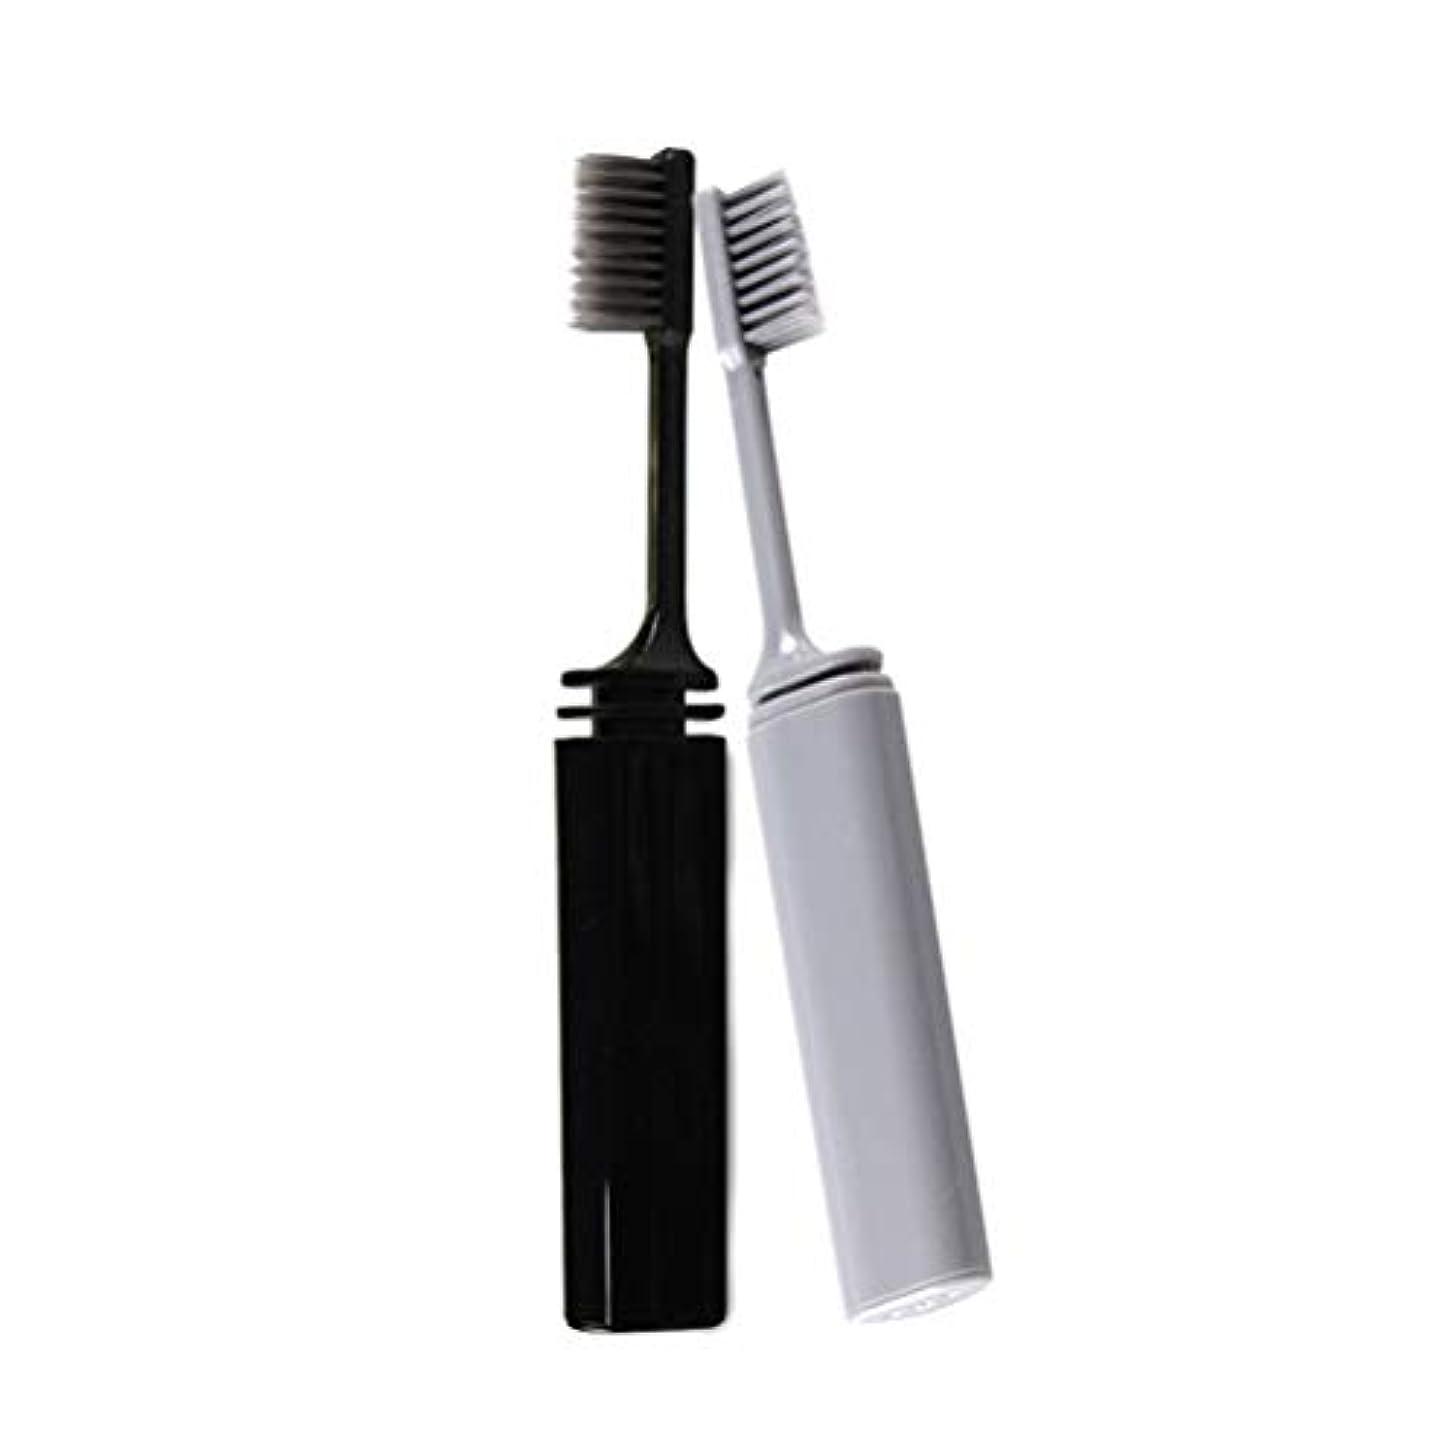 静脈ルーキー単語Healifty 2ピースポータブル旅行歯ブラシ折りたたみ竹炭剛毛歯ブラシ用オフィスホームホテルゲスト